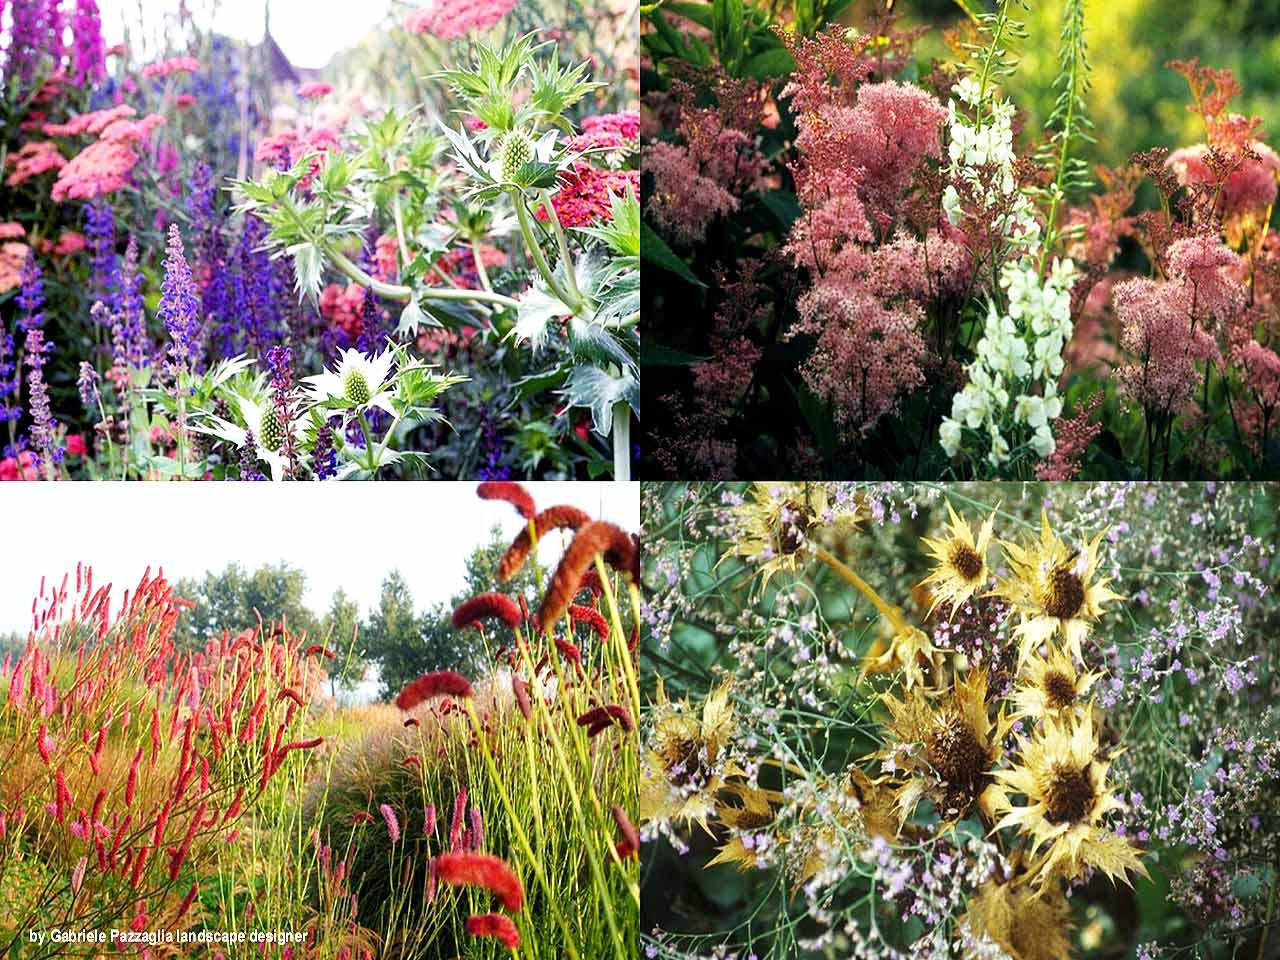 Giardini e parchi fiori e colori mediterranei gabriele - Giardini e fiori ...